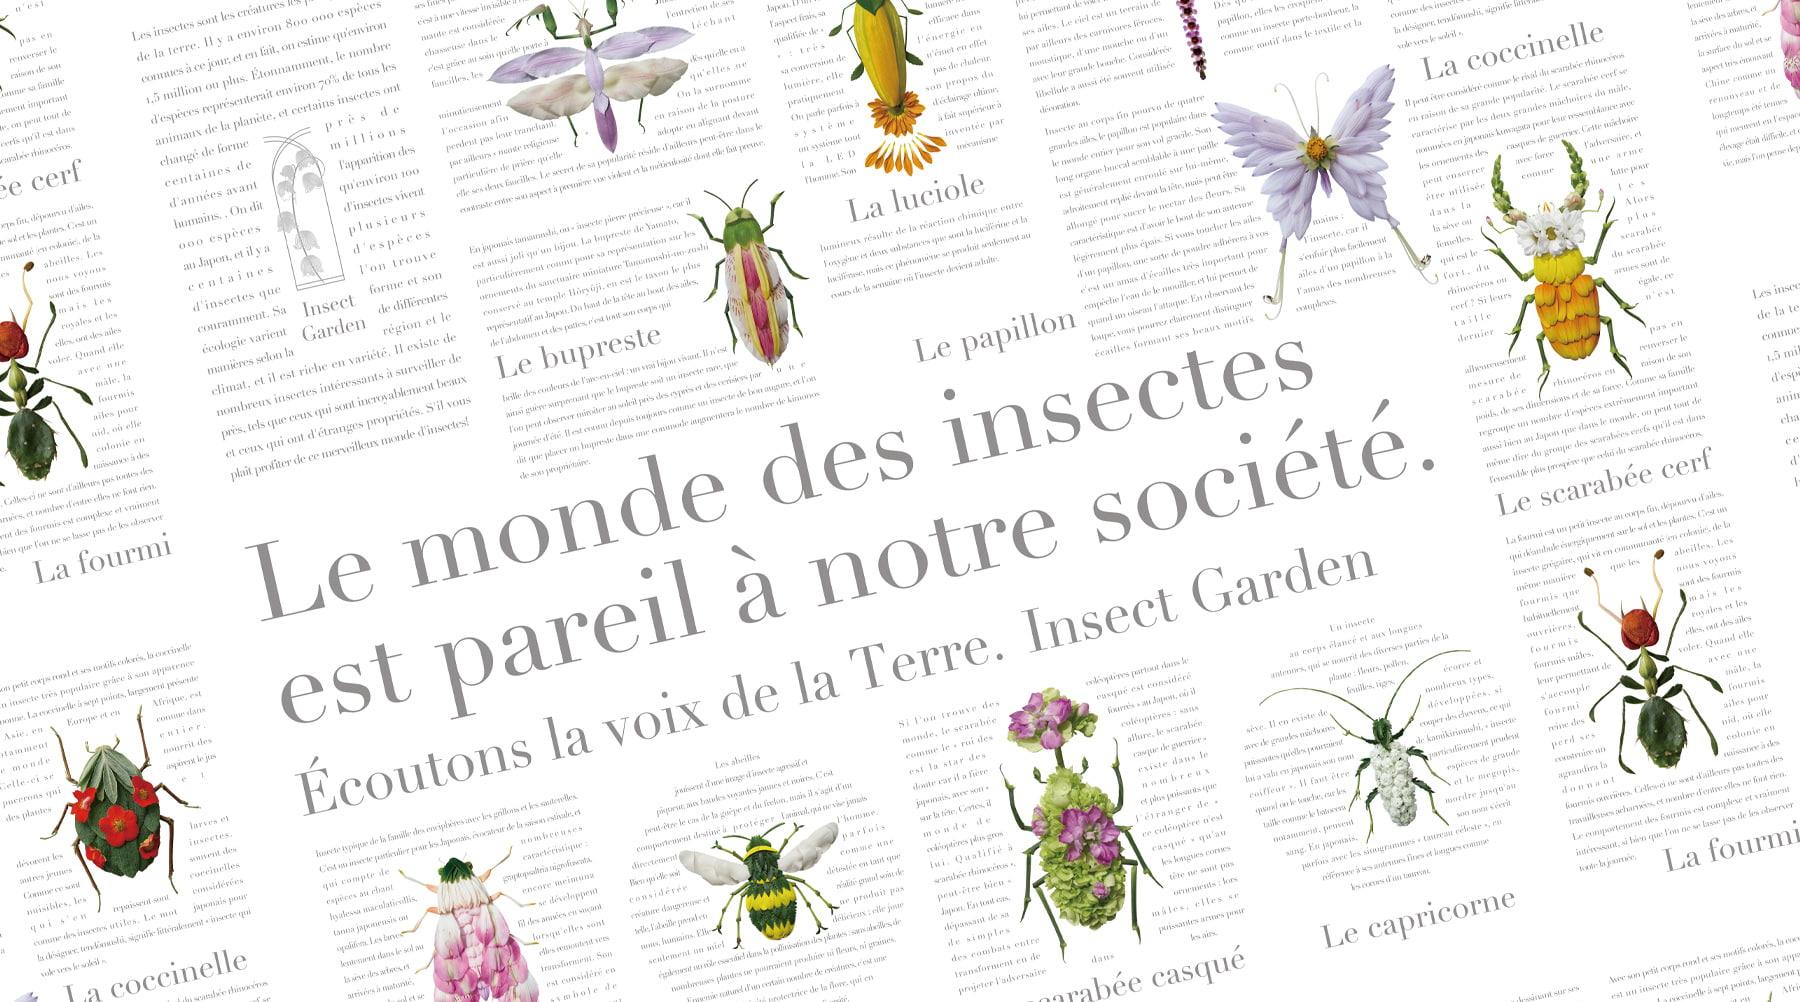 INSECT GARDEN Encyclopédie séries